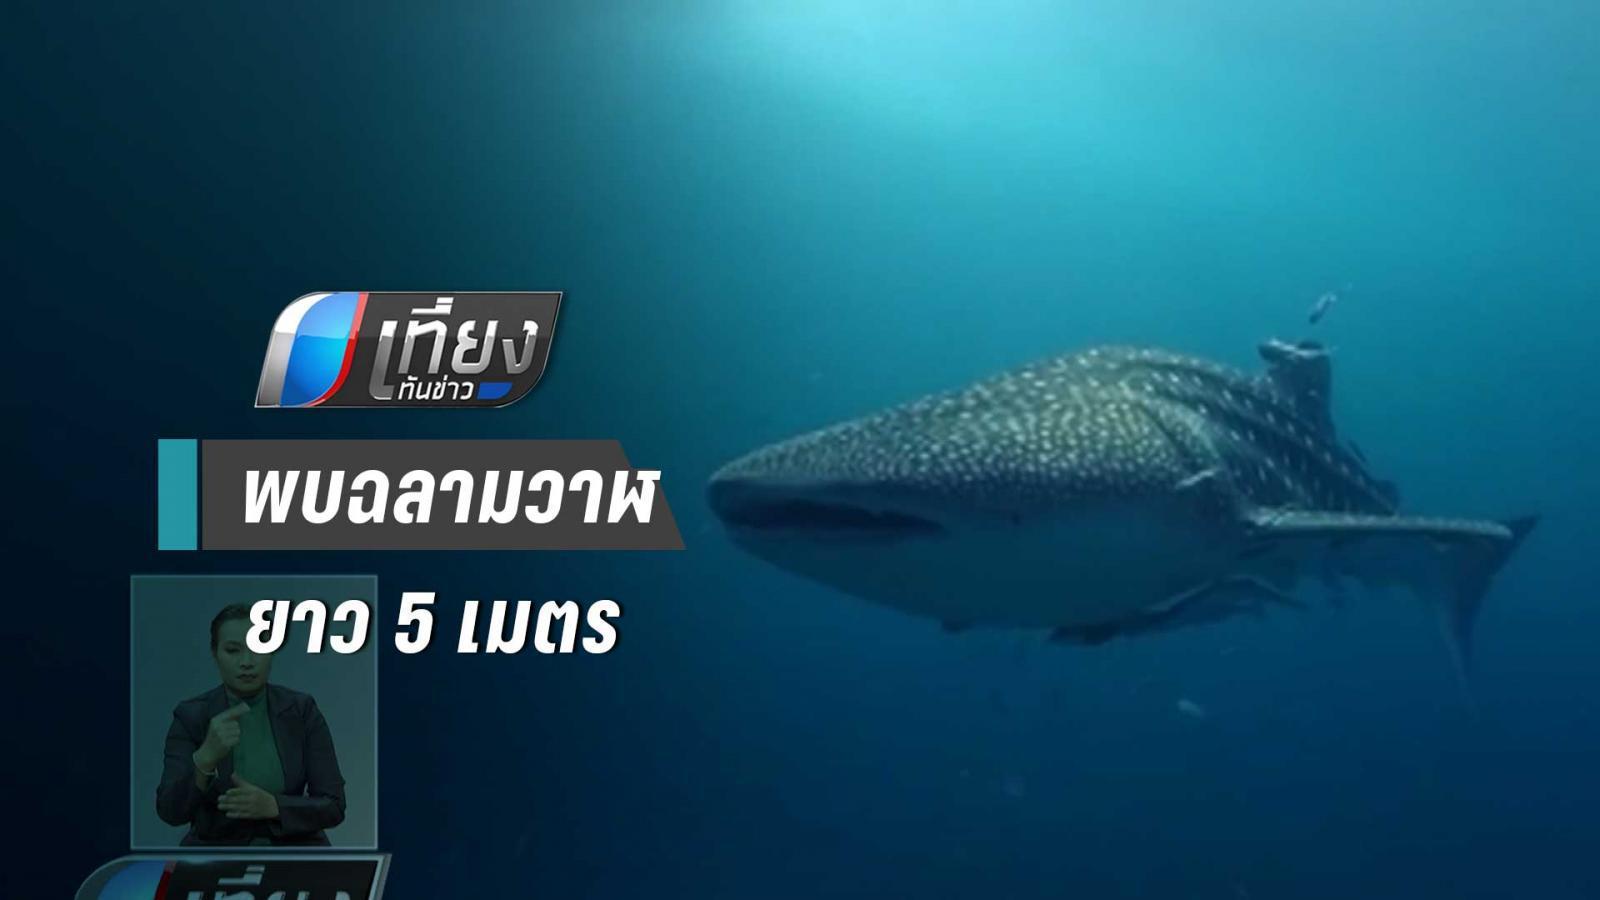 นักดำน้ำพบฉลามวาฬยาว 5 เมตร ชี้ ทะเลสมบูรณ์ขึ้น